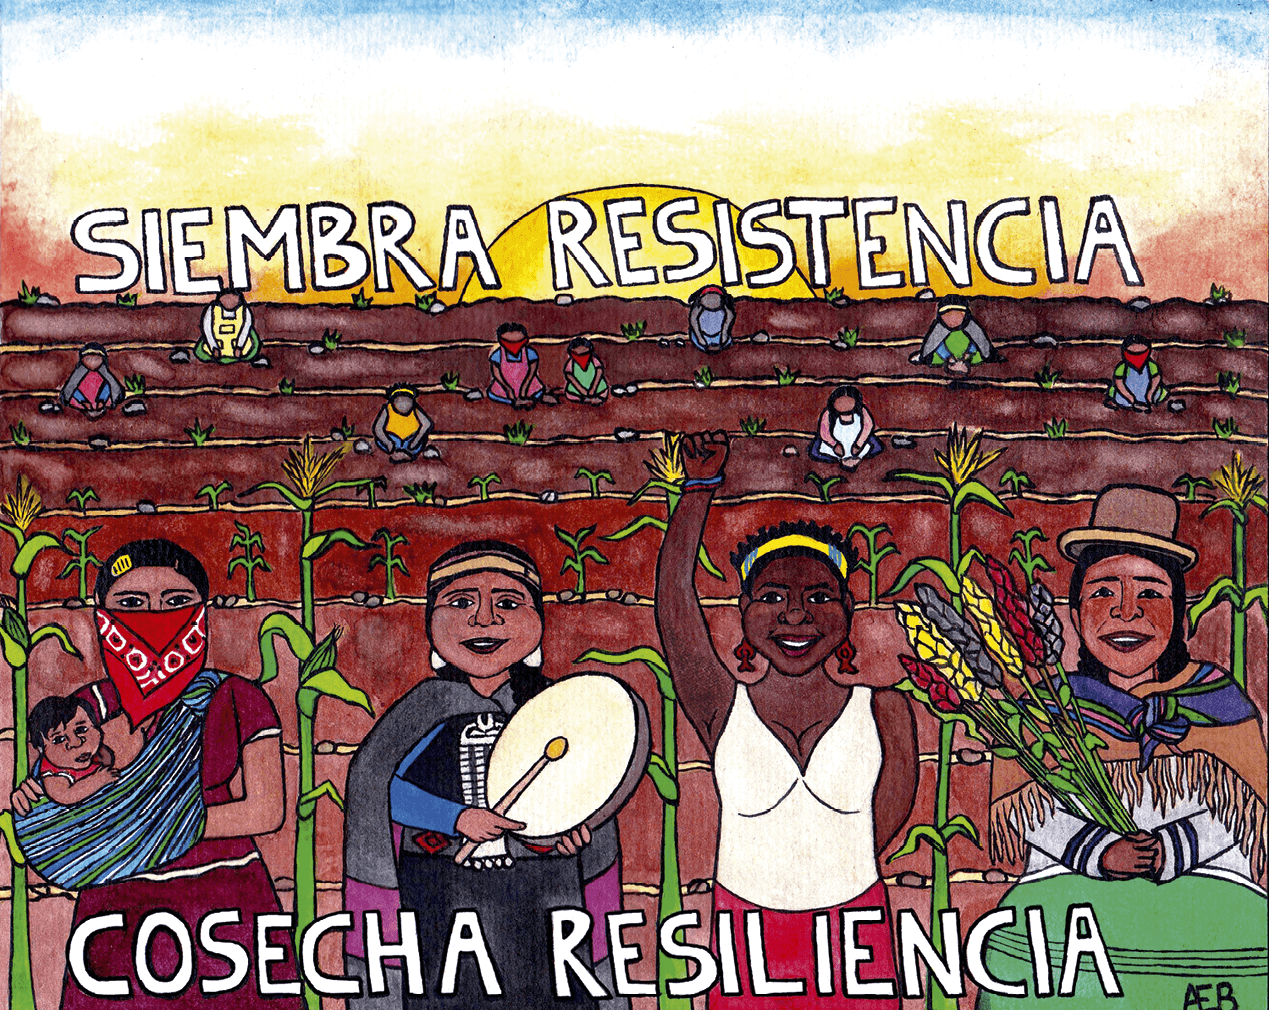 AEB, Siembra resistencia Cosecha resiliencia, 2019